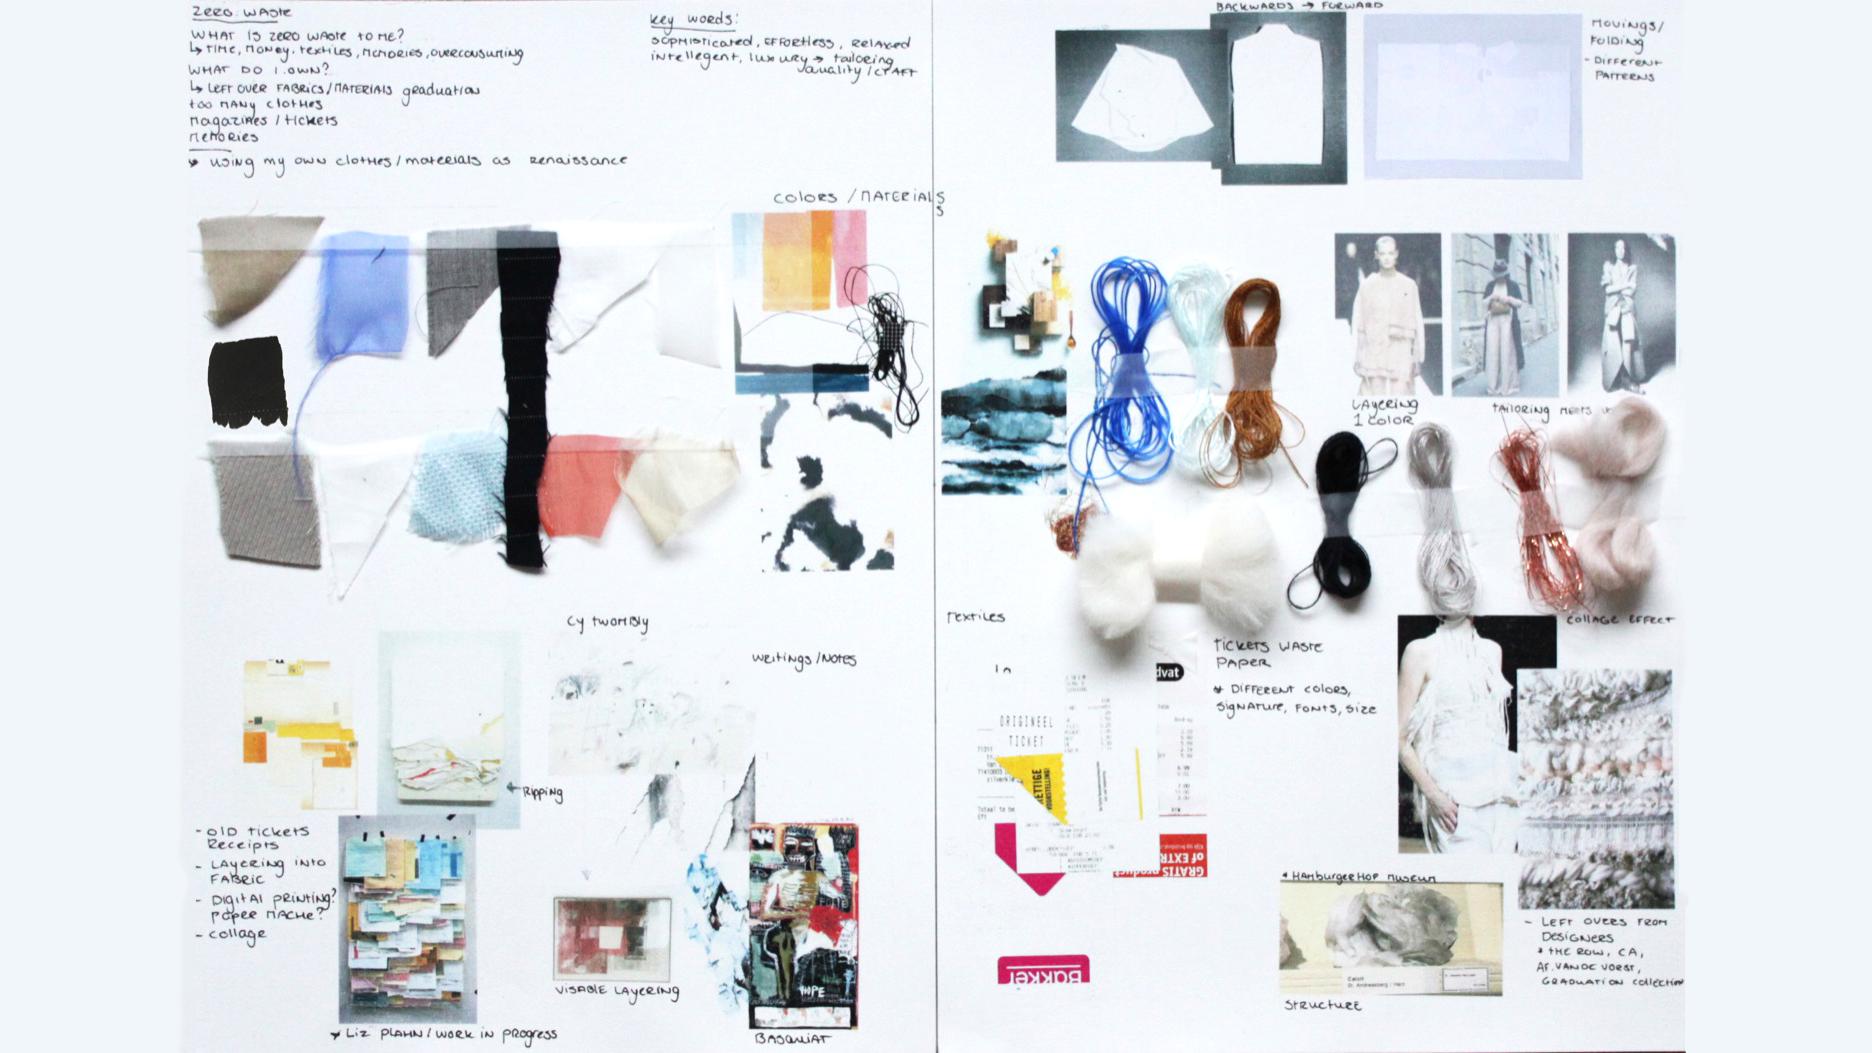 Redress Design Award 2017 application